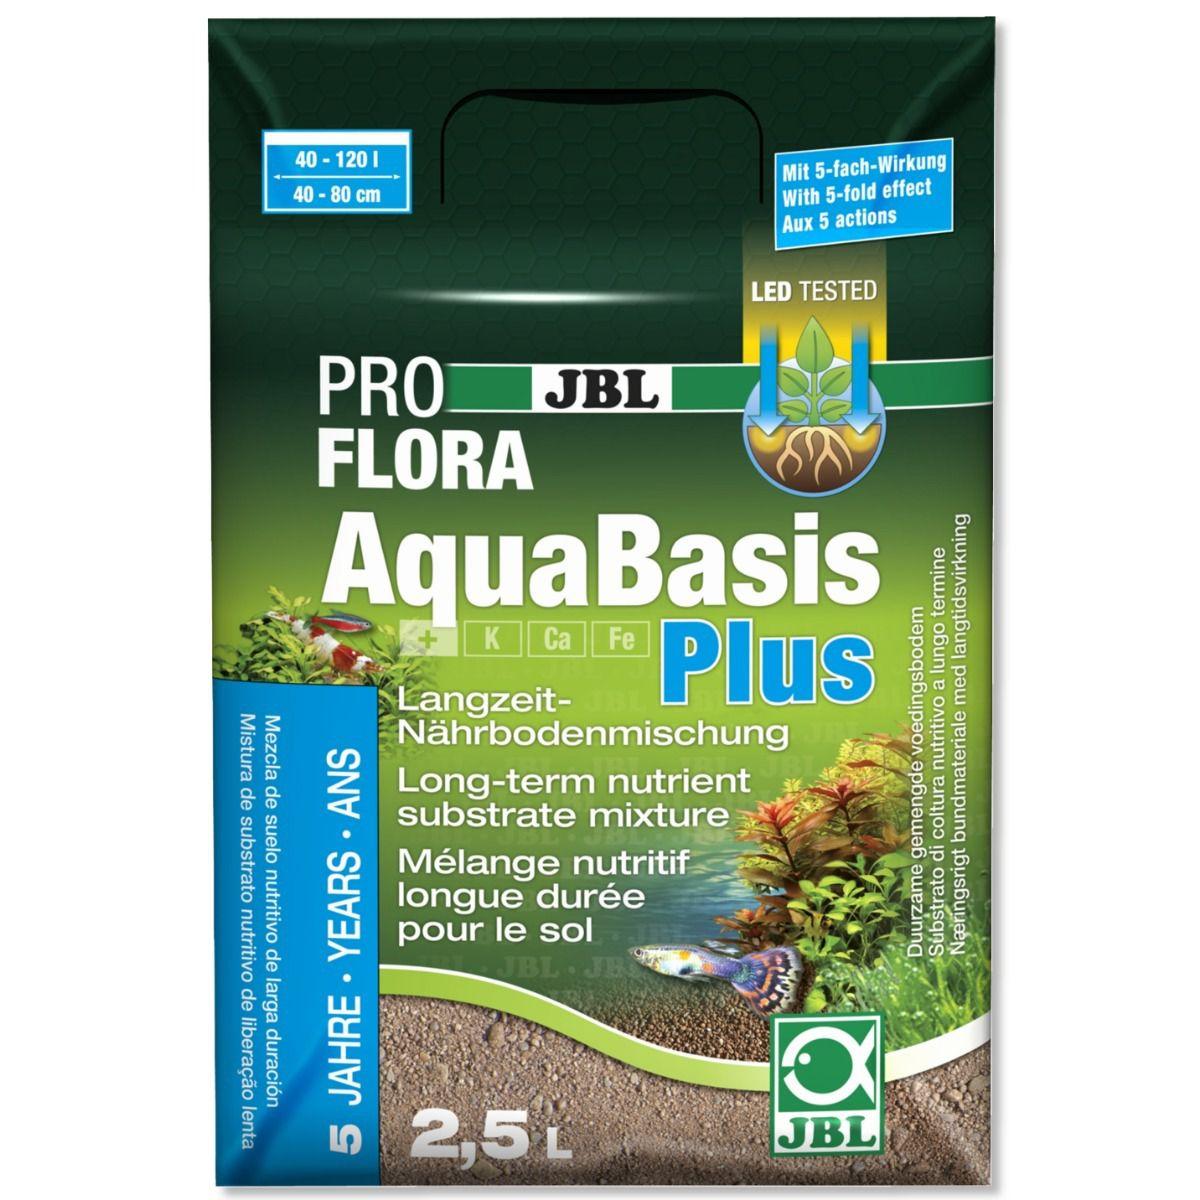 JBL Substrato Fertil AquaBasis Plus - 2,5L  - FISHPET Comércio de Acessórios para Animais Ltda.